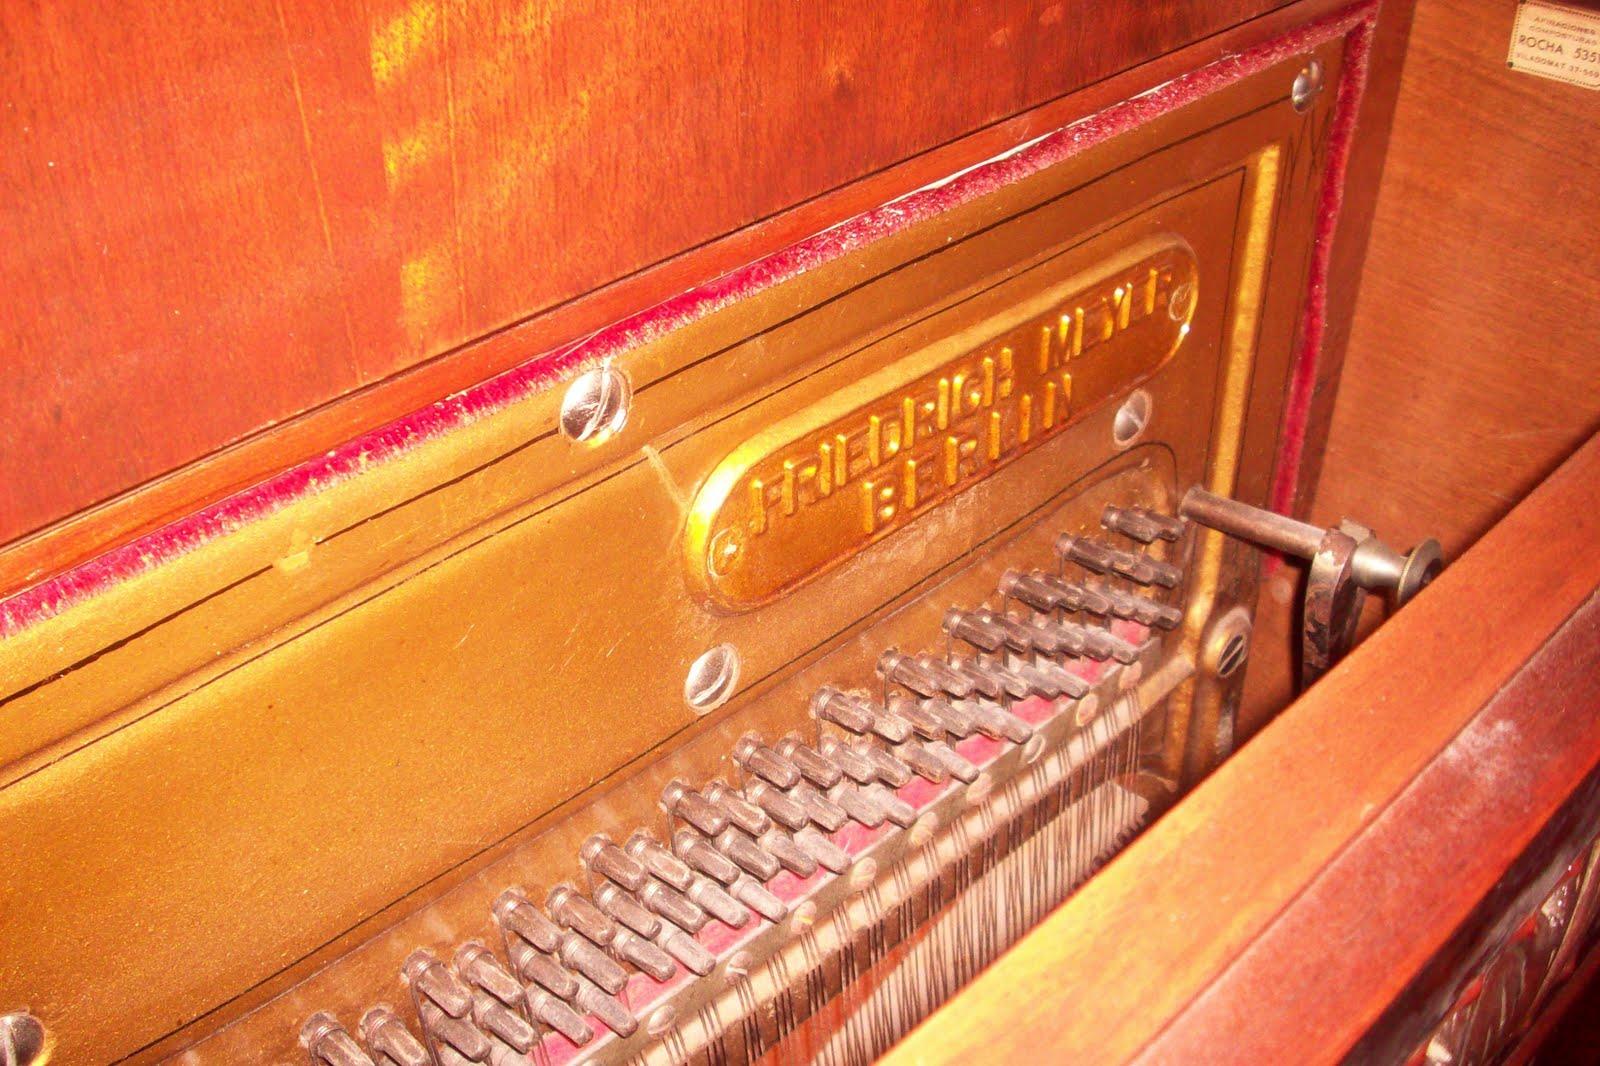 Piano vertical aleman meyer el mueble es de raiz de nogal - El mueble es ...